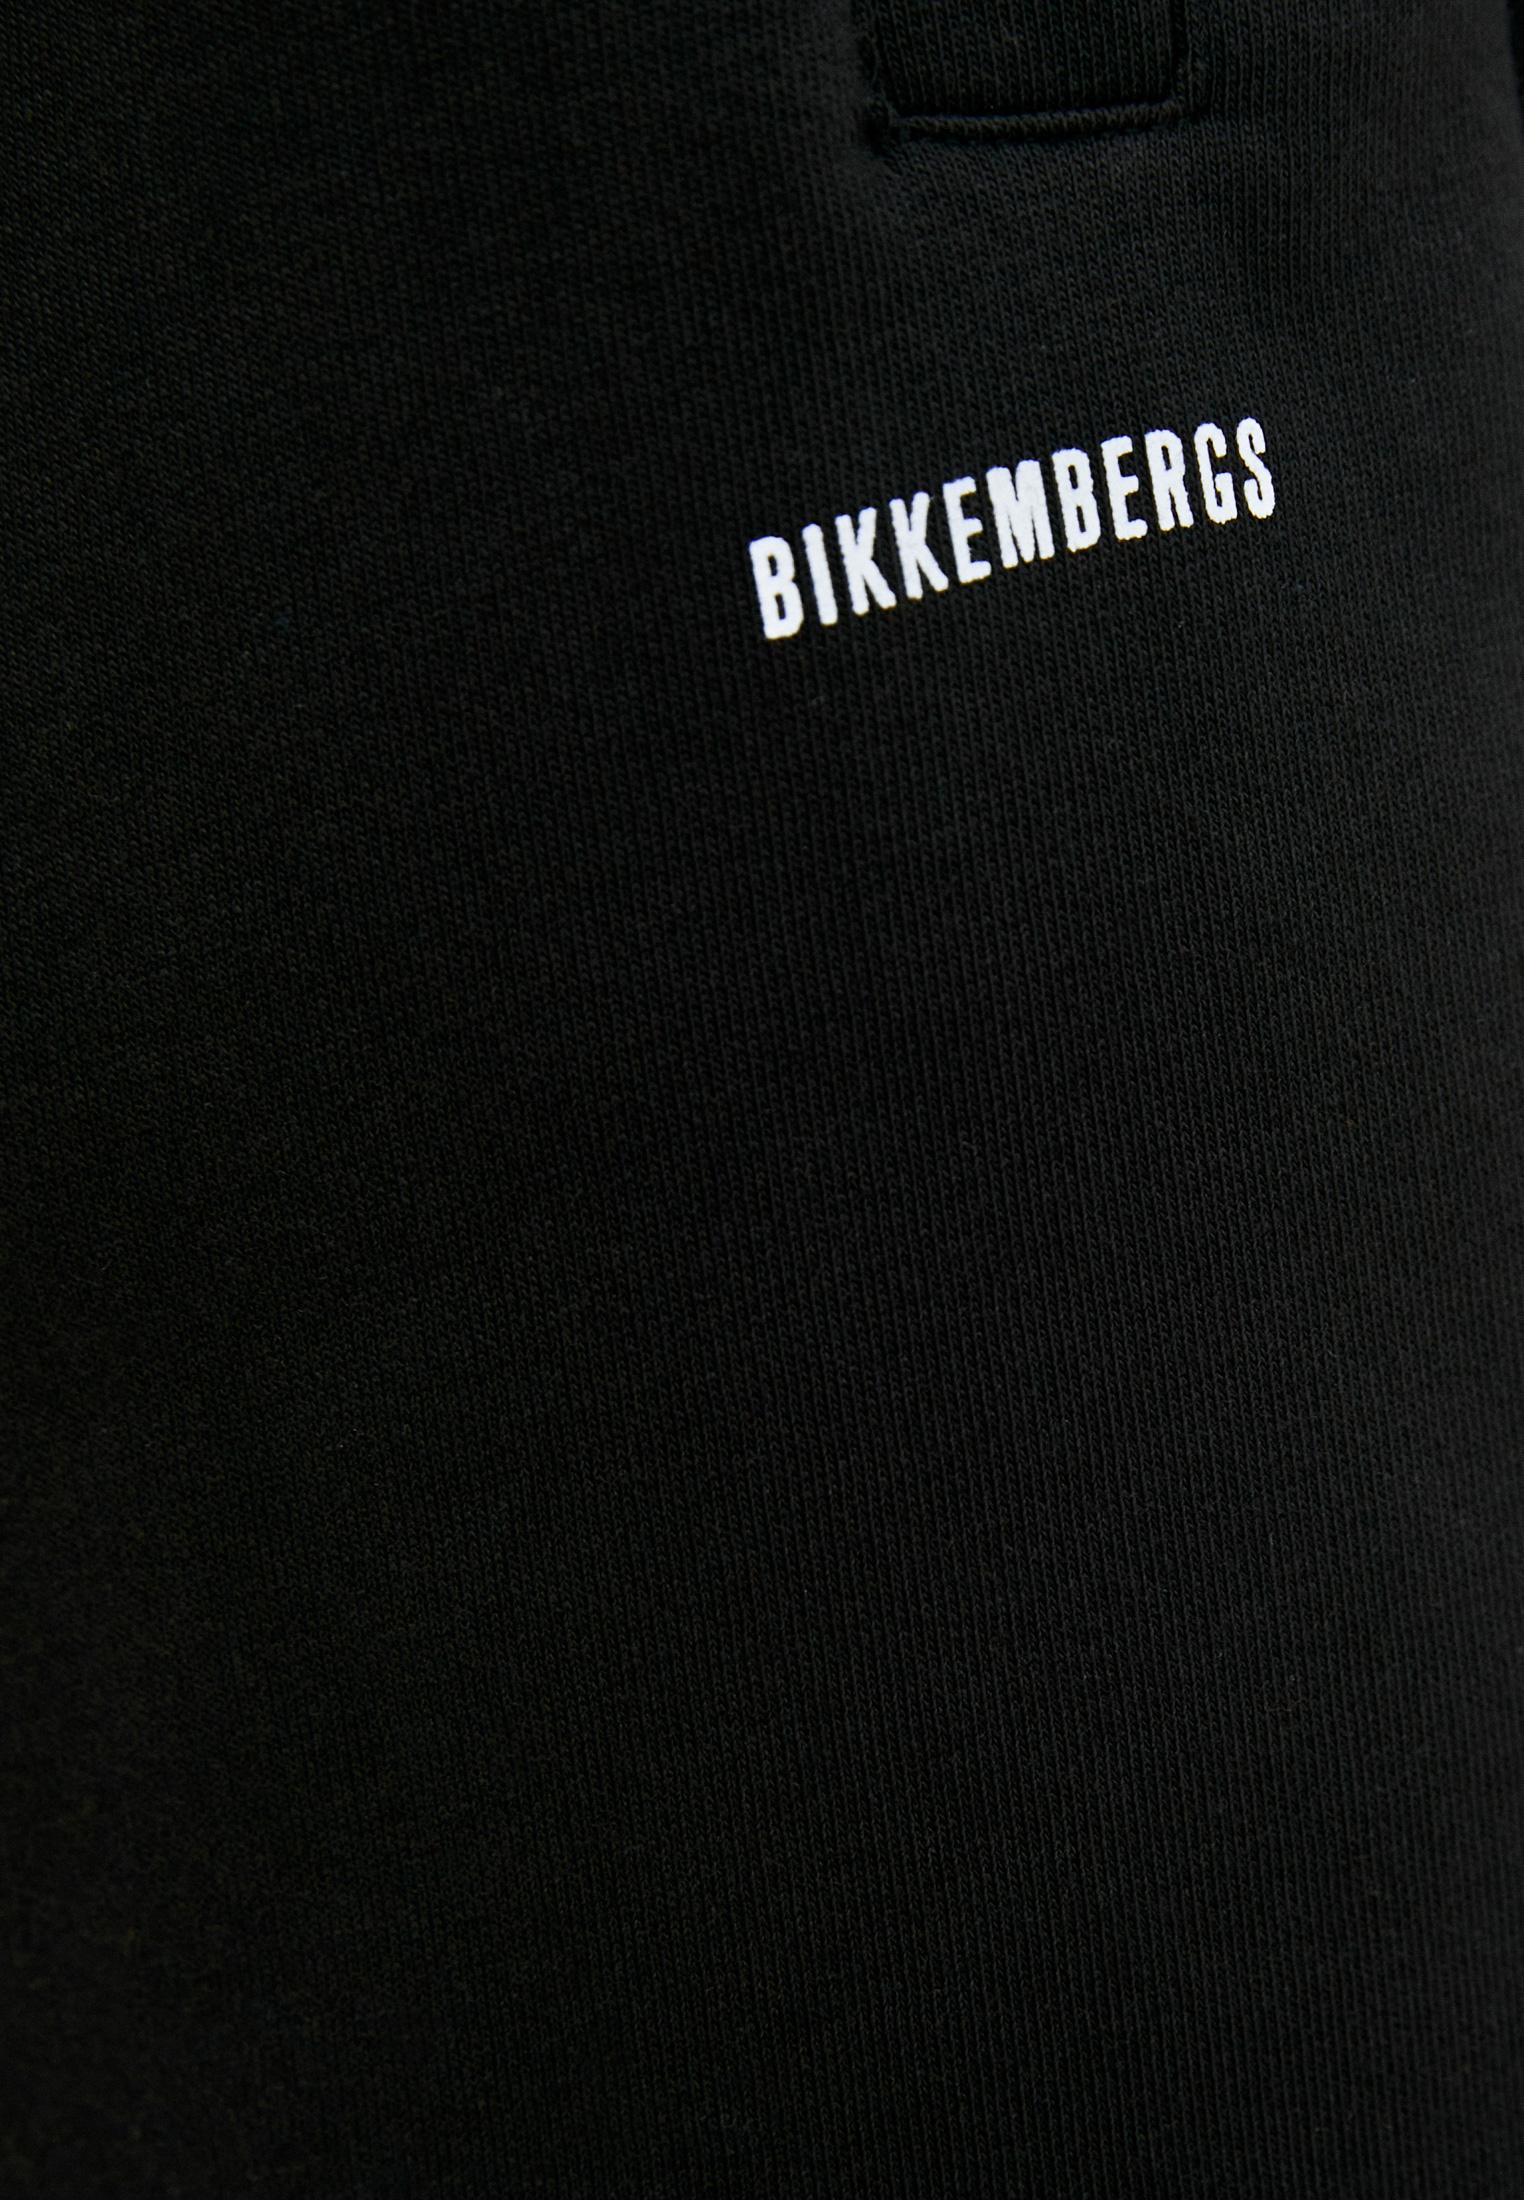 Мужские повседневные шорты Bikkembergs C 1 001 01 M 3809: изображение 5